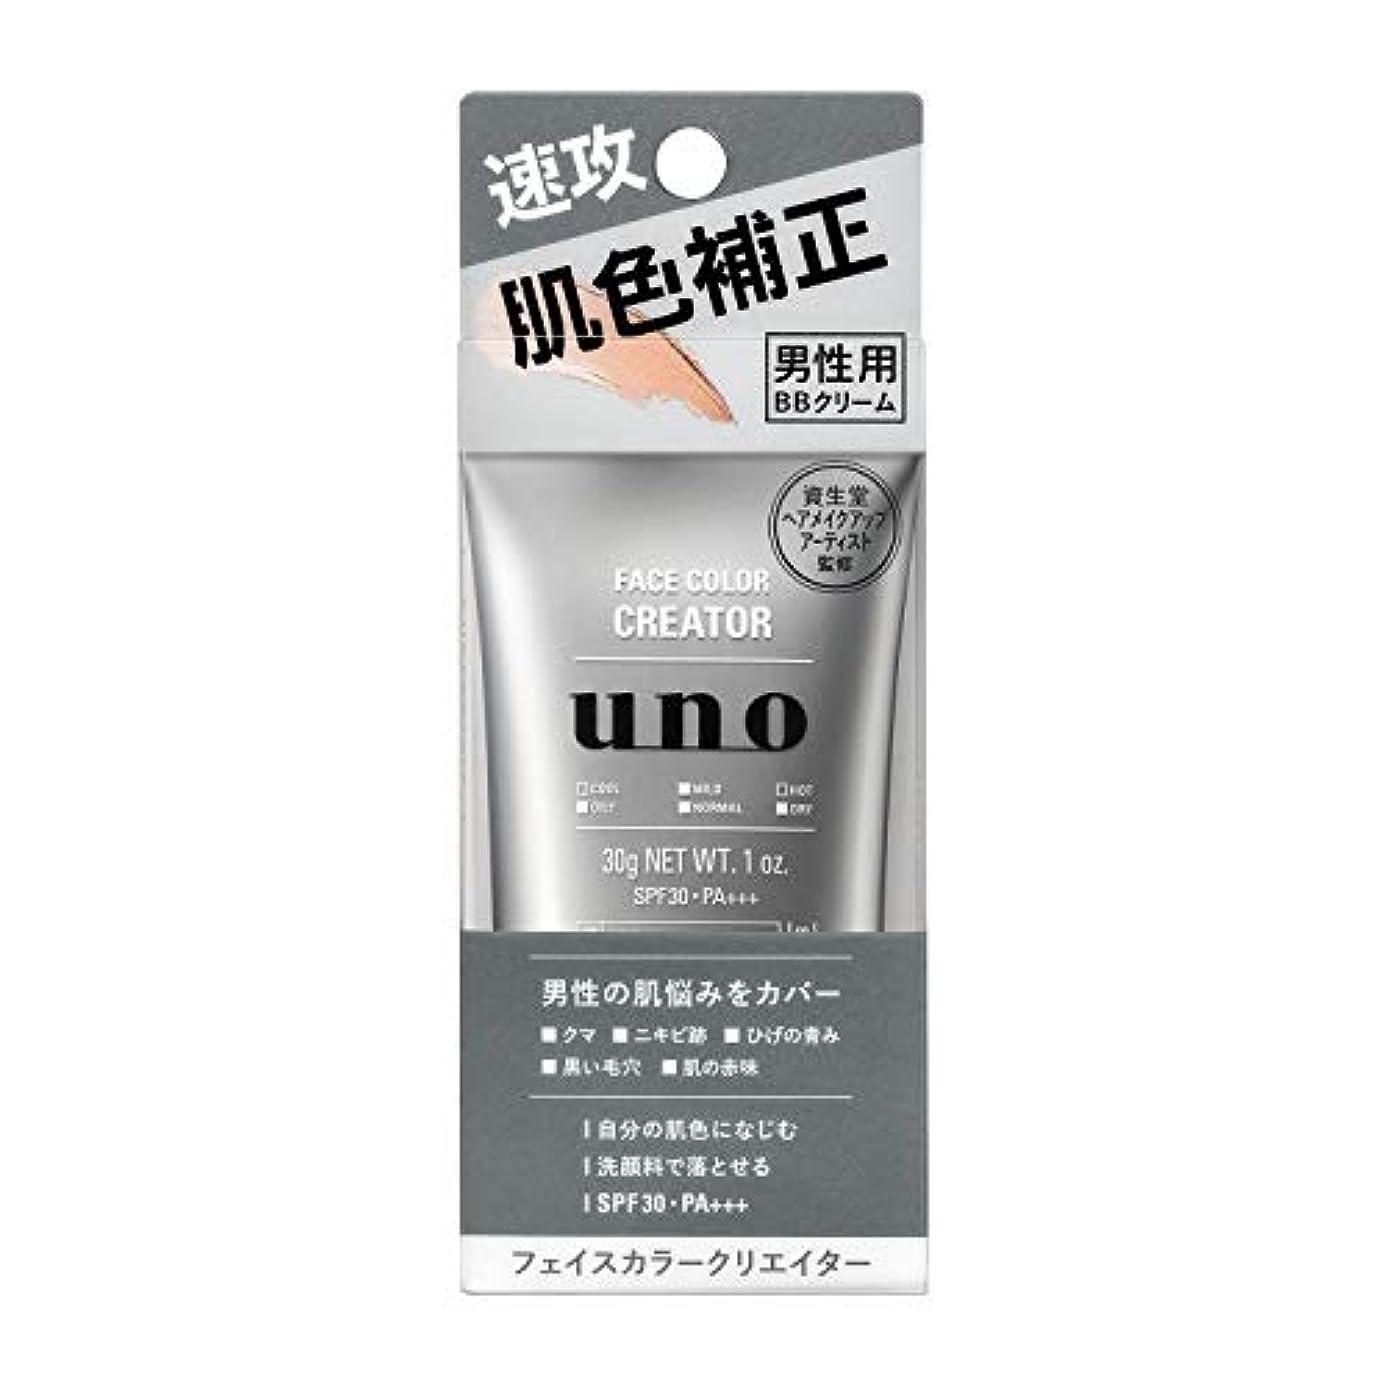 大臣色合い下品UNO(ウーノ)フェイスカラークリエイター BBクリーム メンズ SPF30 PA+++ 30g